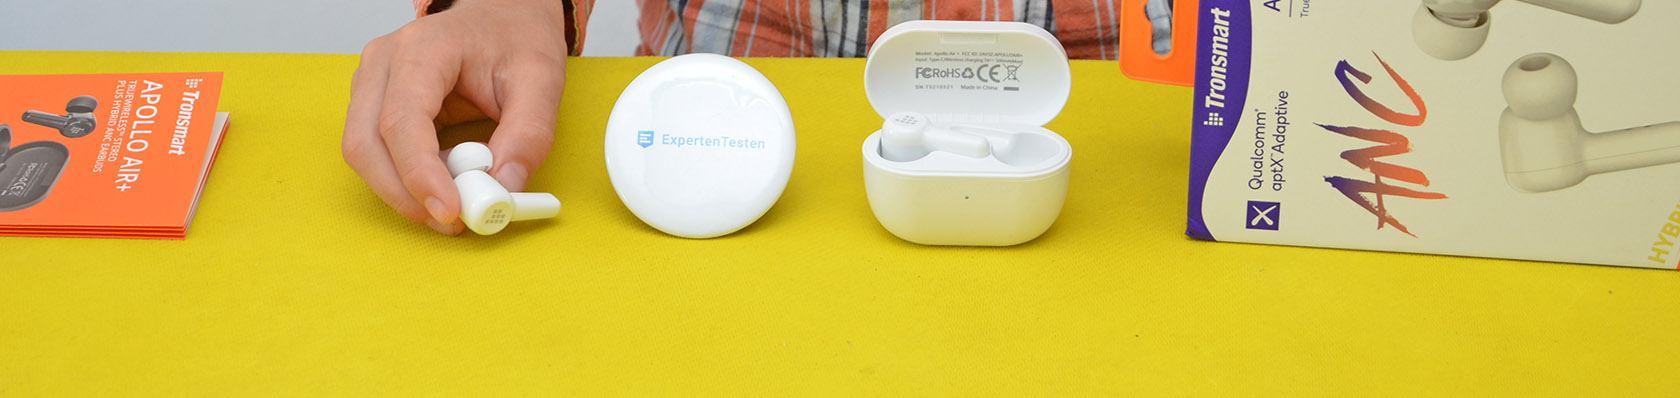 Bluetooth In Ear Kopfhörer im Test auf ExpertenTesten.de